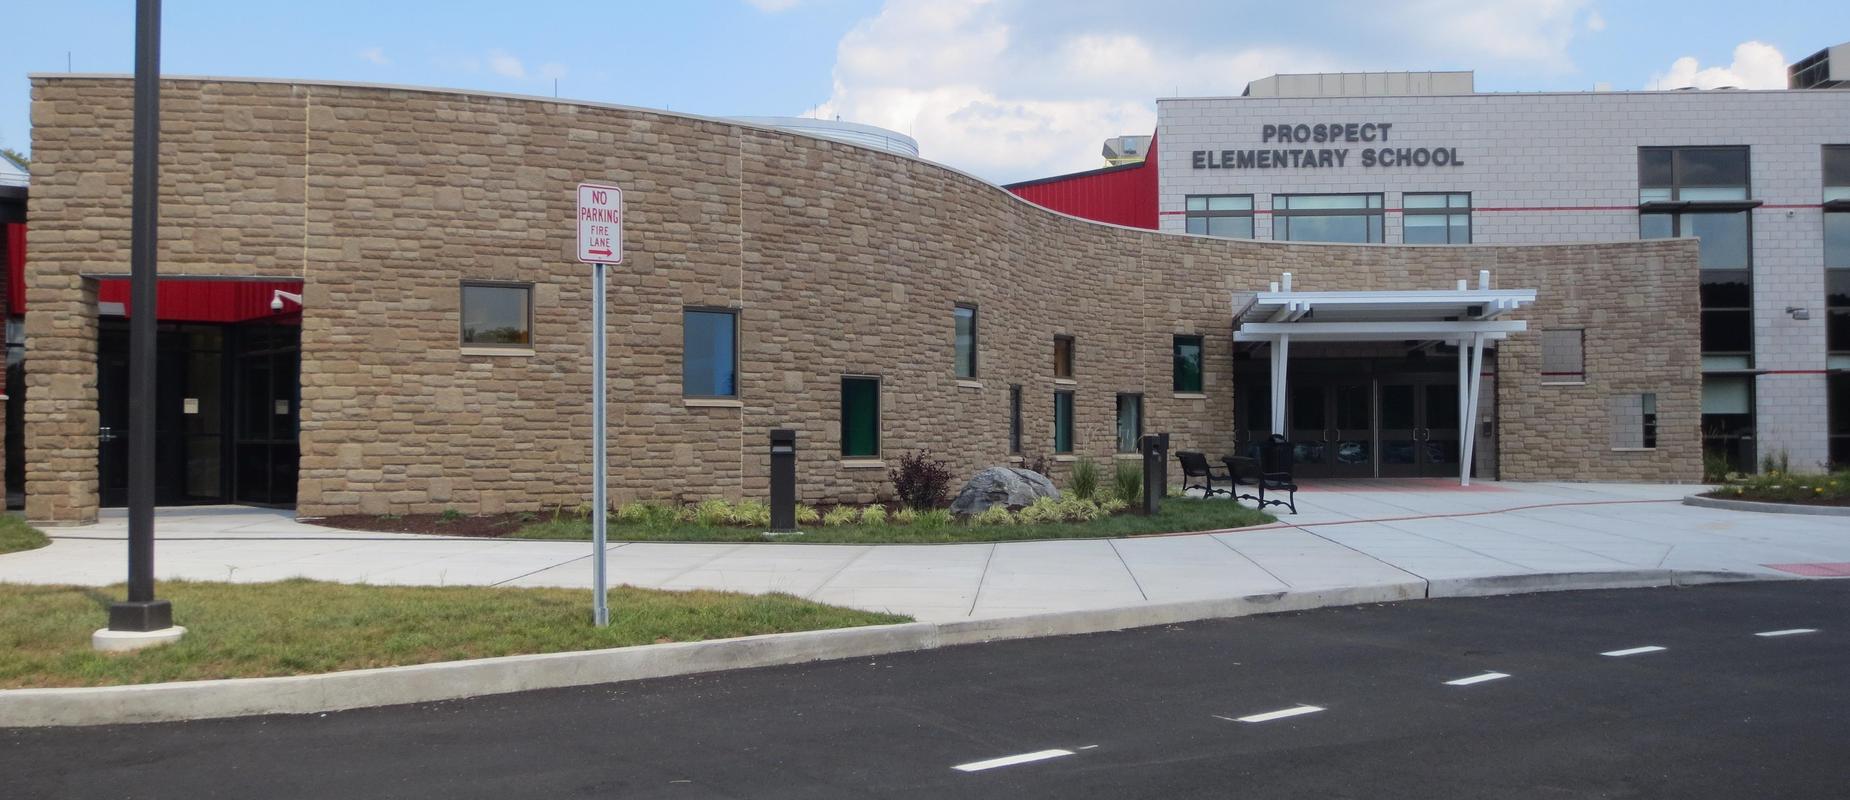 Image of Prospect Elementary